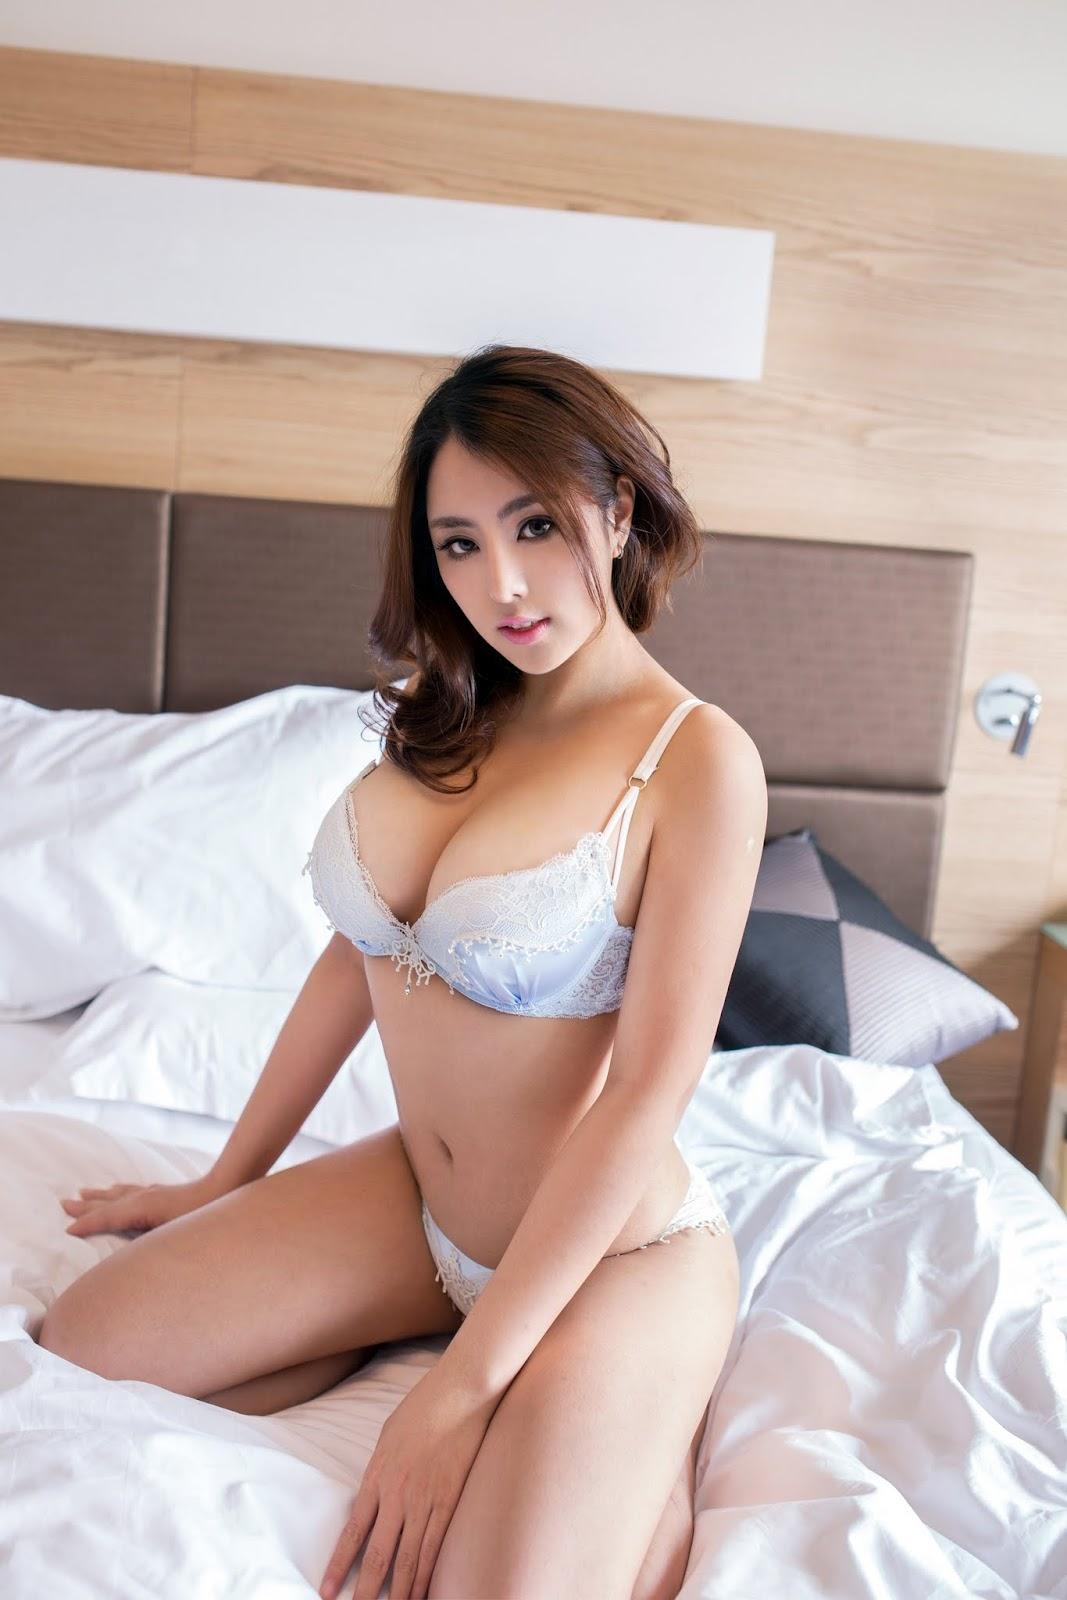 TuiGirl 25 - Sexy Model TUIGIRL NO.17 Nude